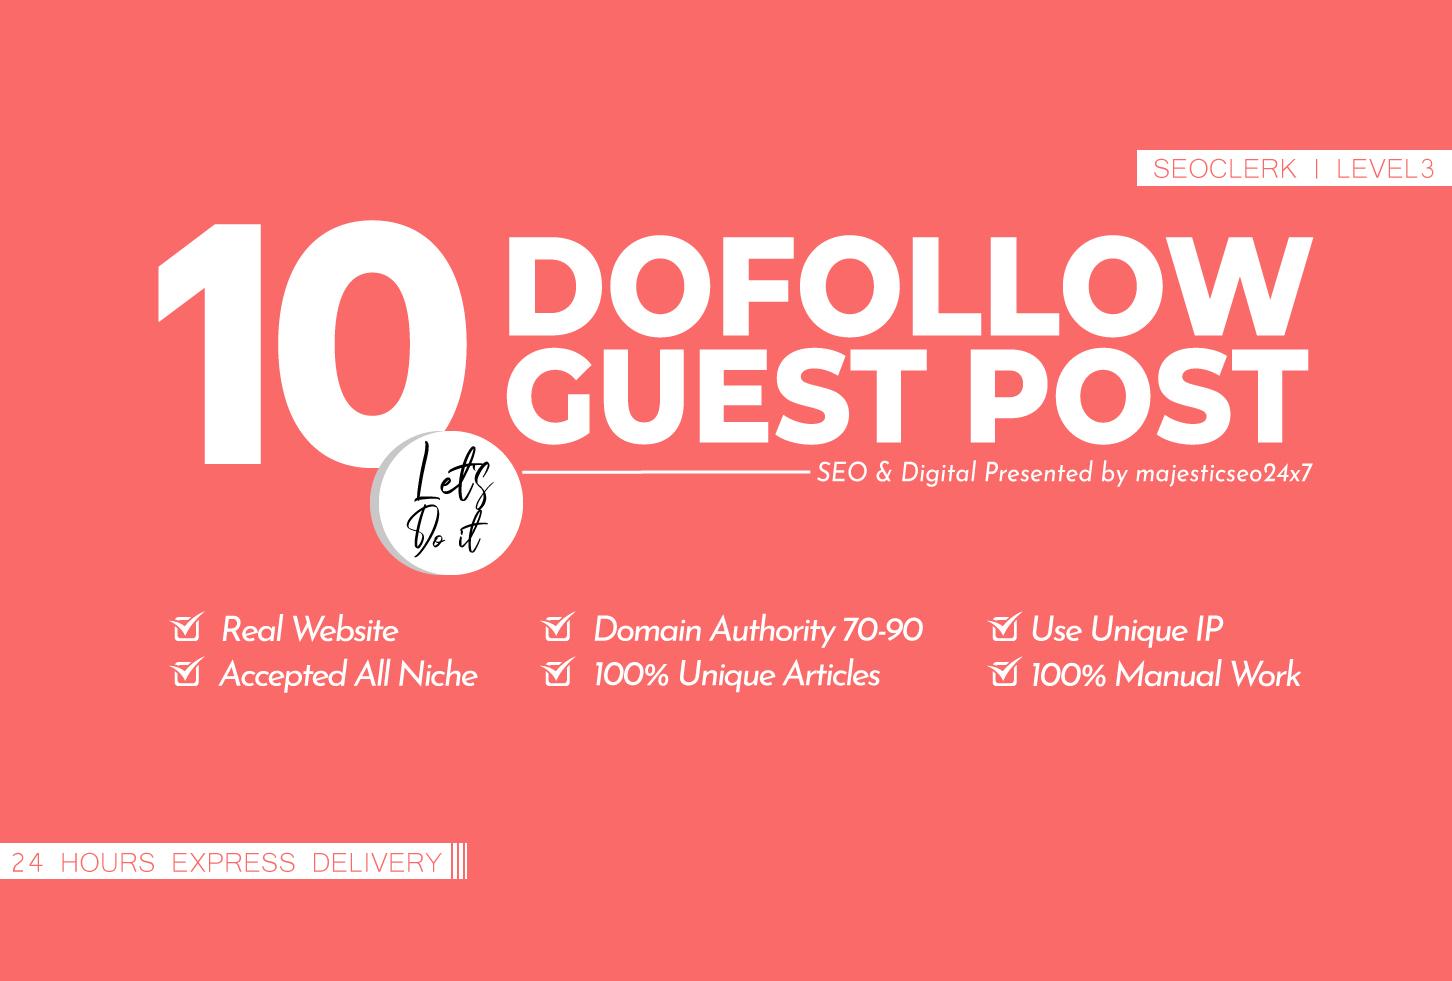 10 DA 70-90 DOFOLLOW GUEST POST